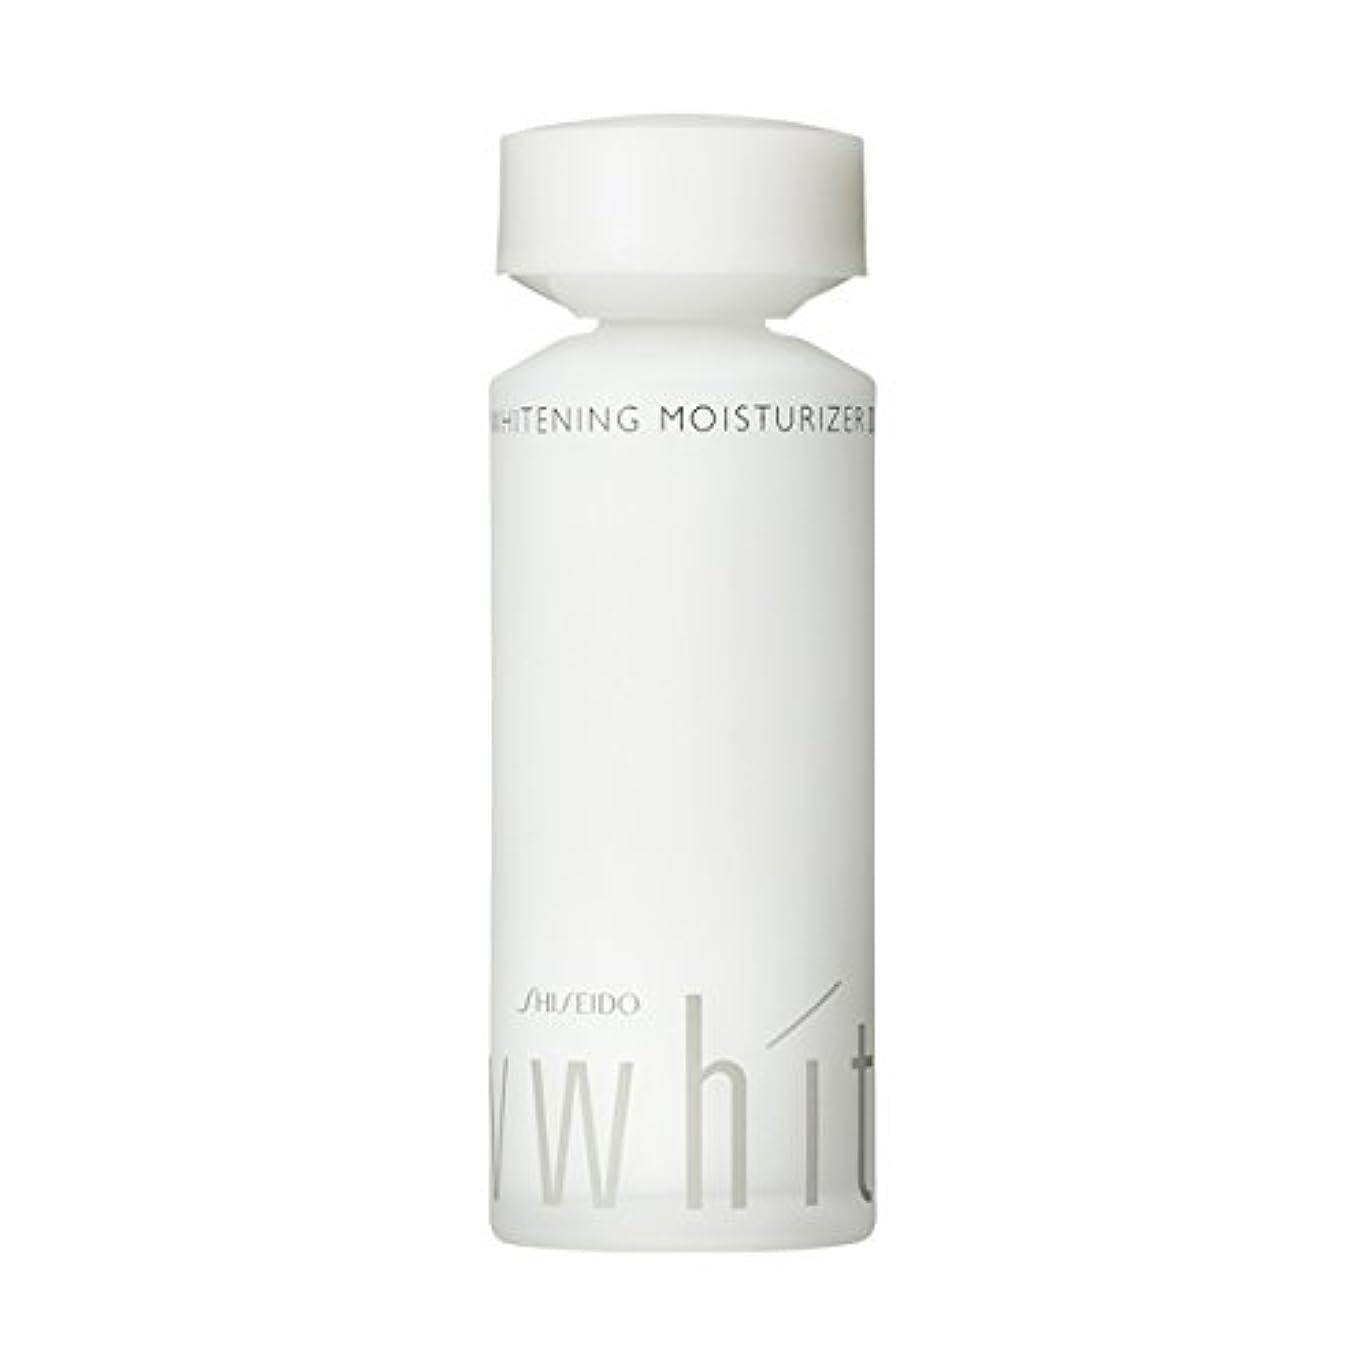 物理排泄する分散UVホワイト ホワイトニング モイスチャーライザー 2 100mL 【医薬部外品】